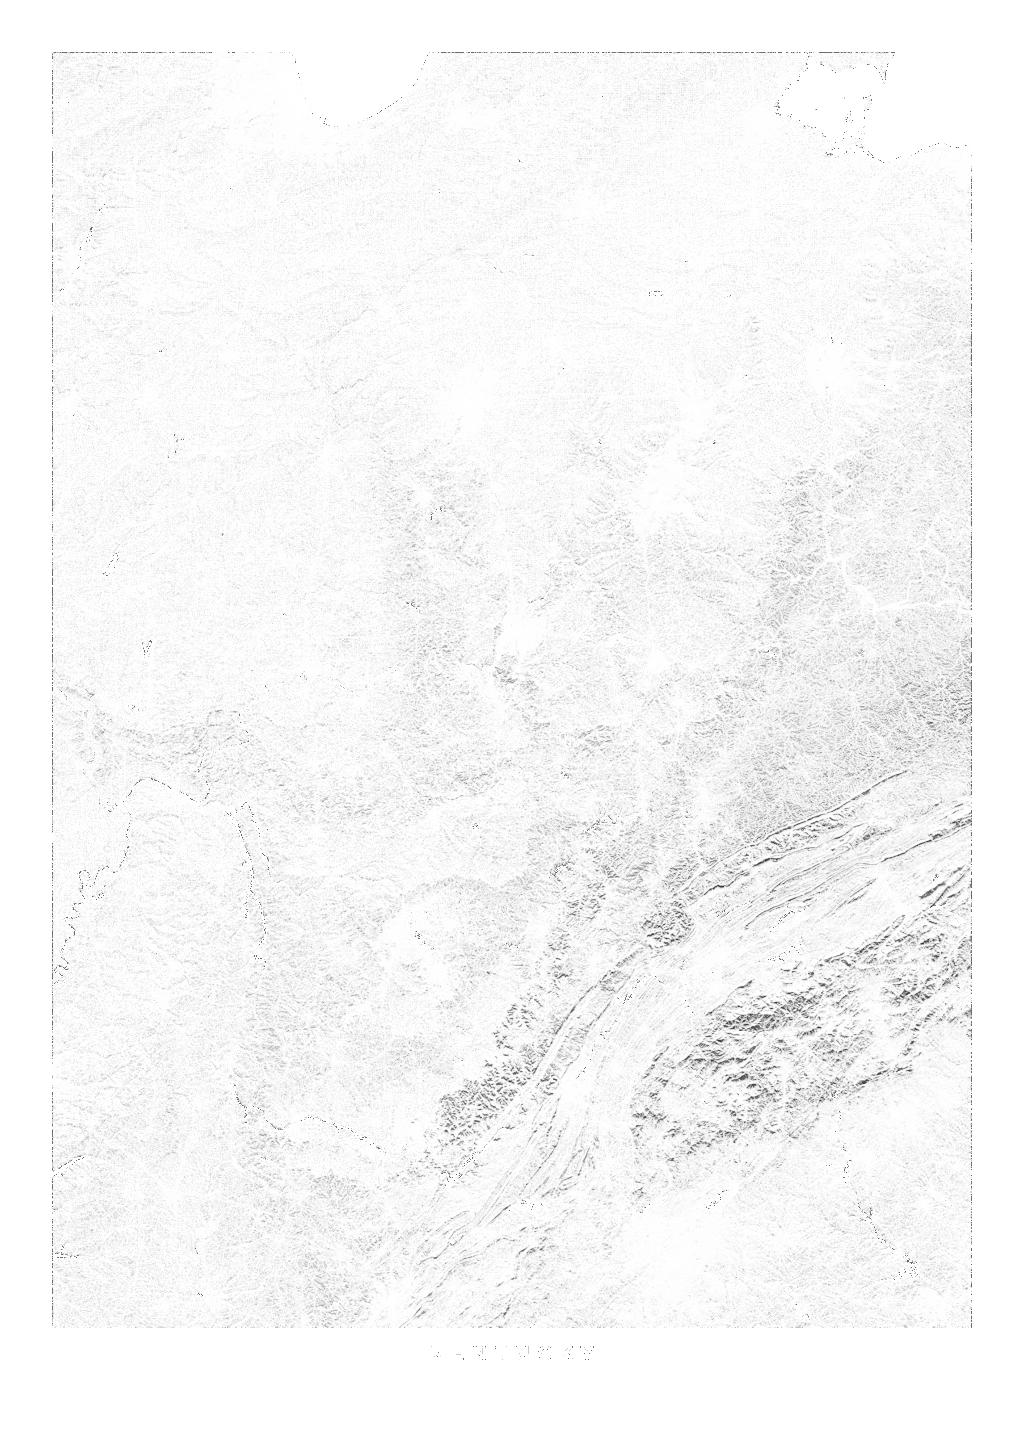 Kentucky wall map